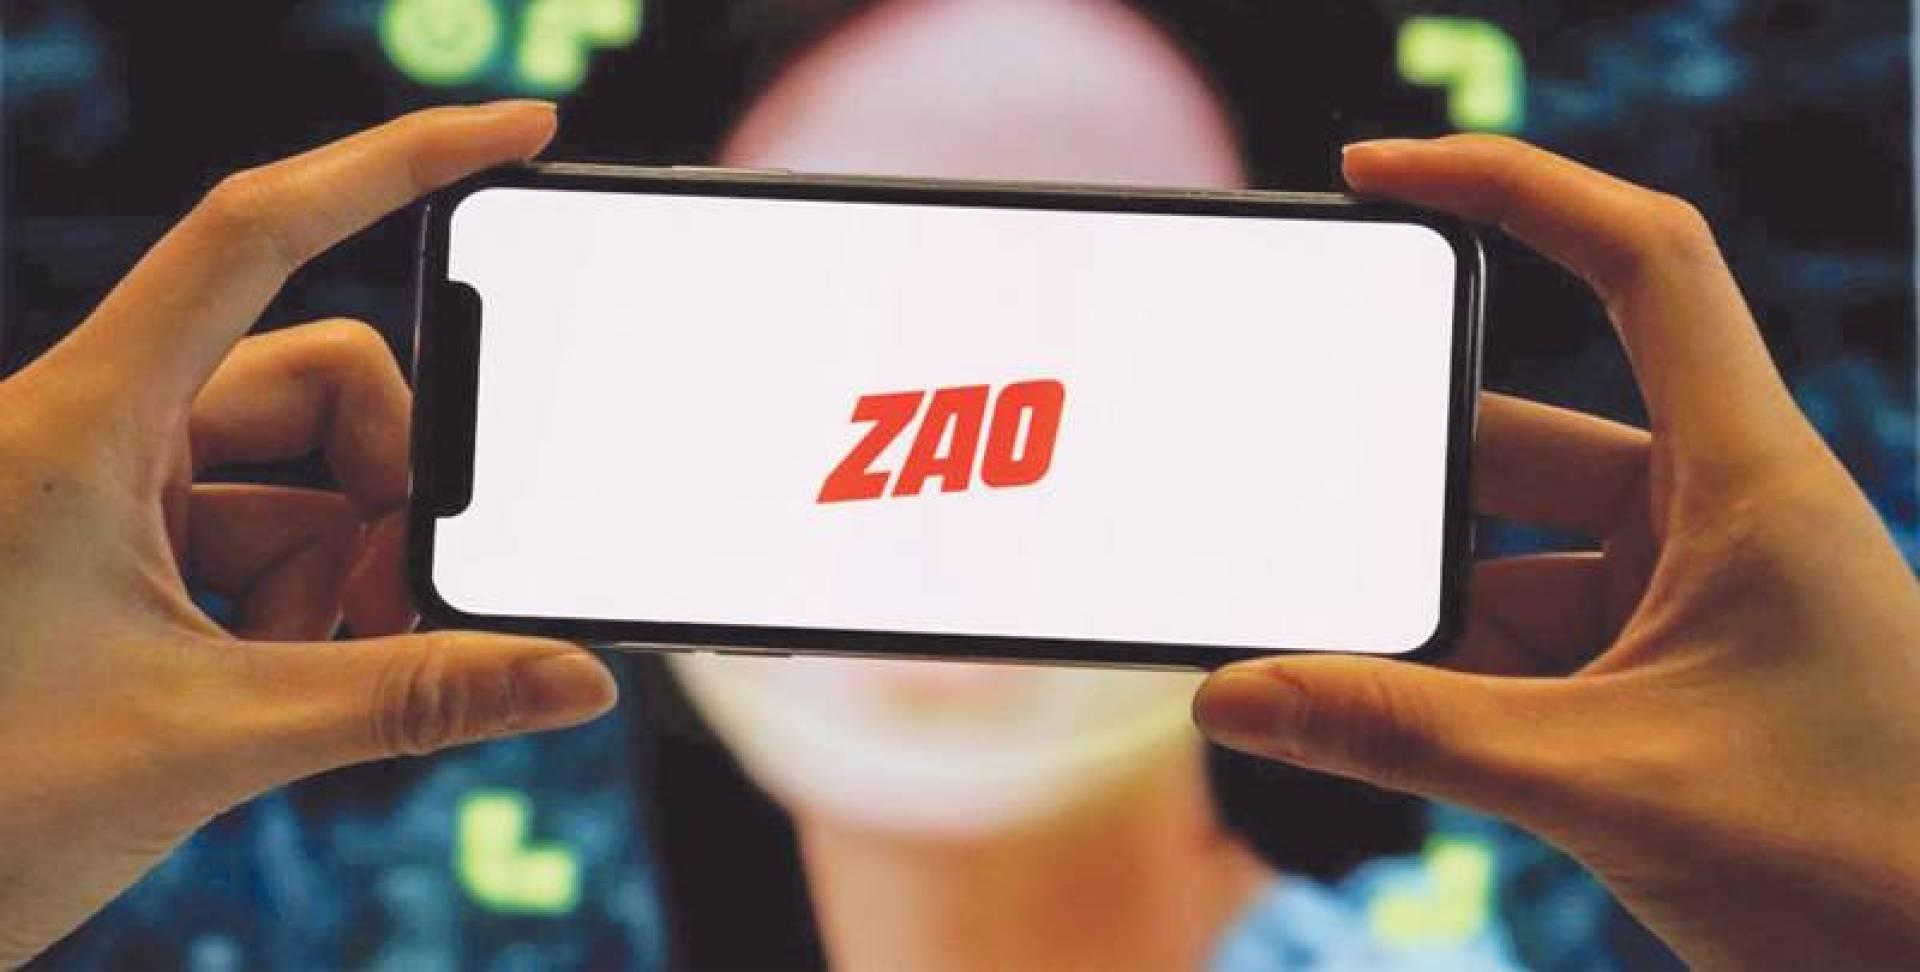 Zao.. تطبيق صيني يتيح للمستخدمين  وضع وجوههم على رؤوس المشاهير